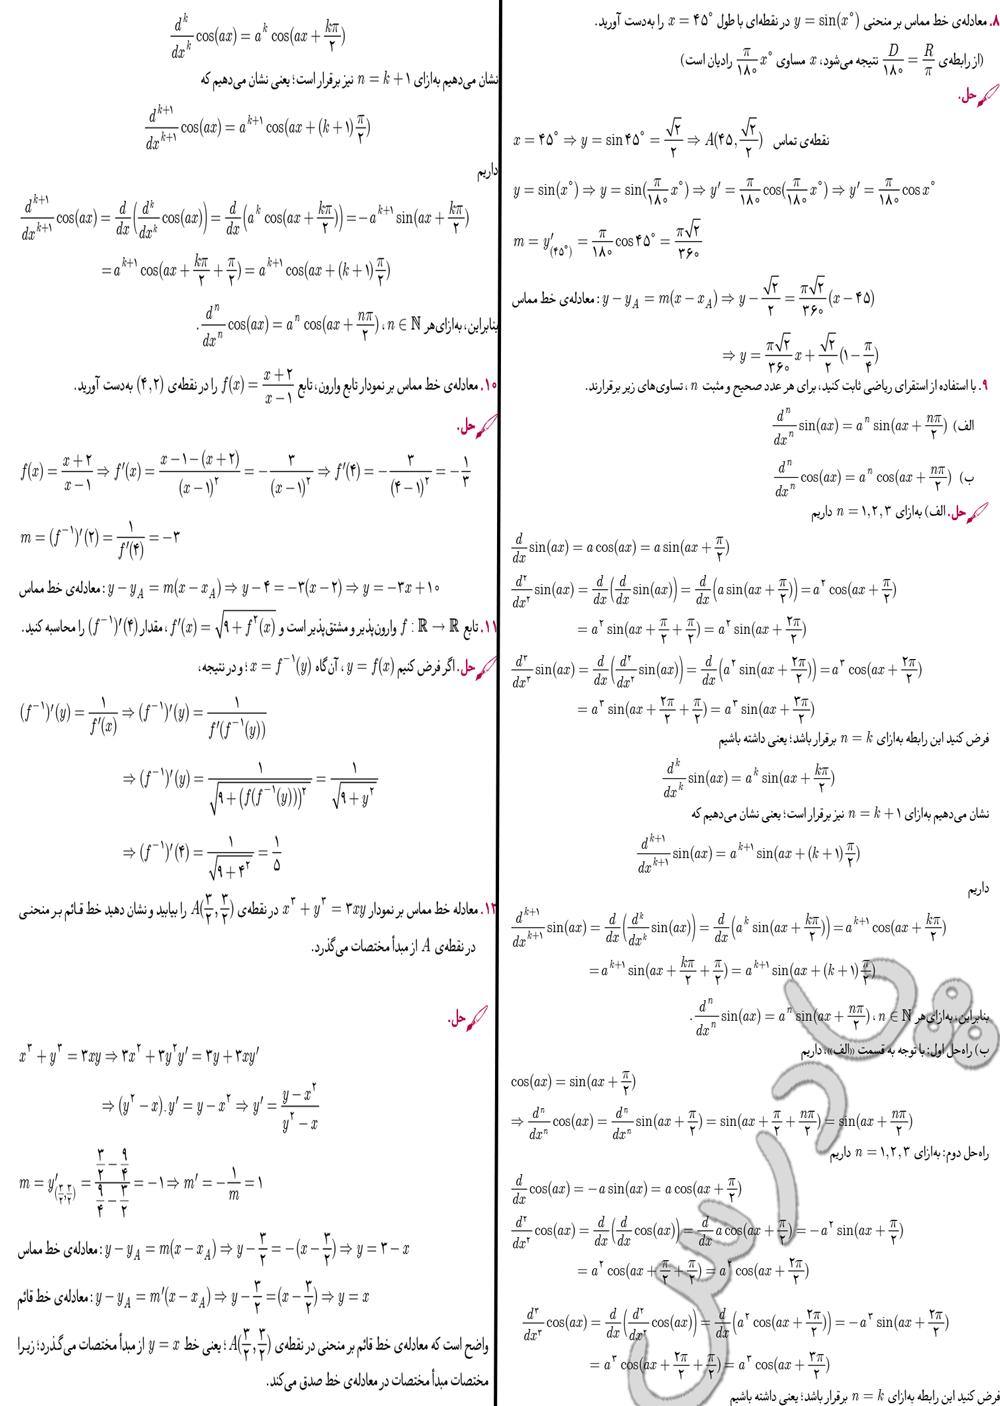 ادامه حل مسائل صفحه 163 دیفرانسیل پیش دانشگاهی